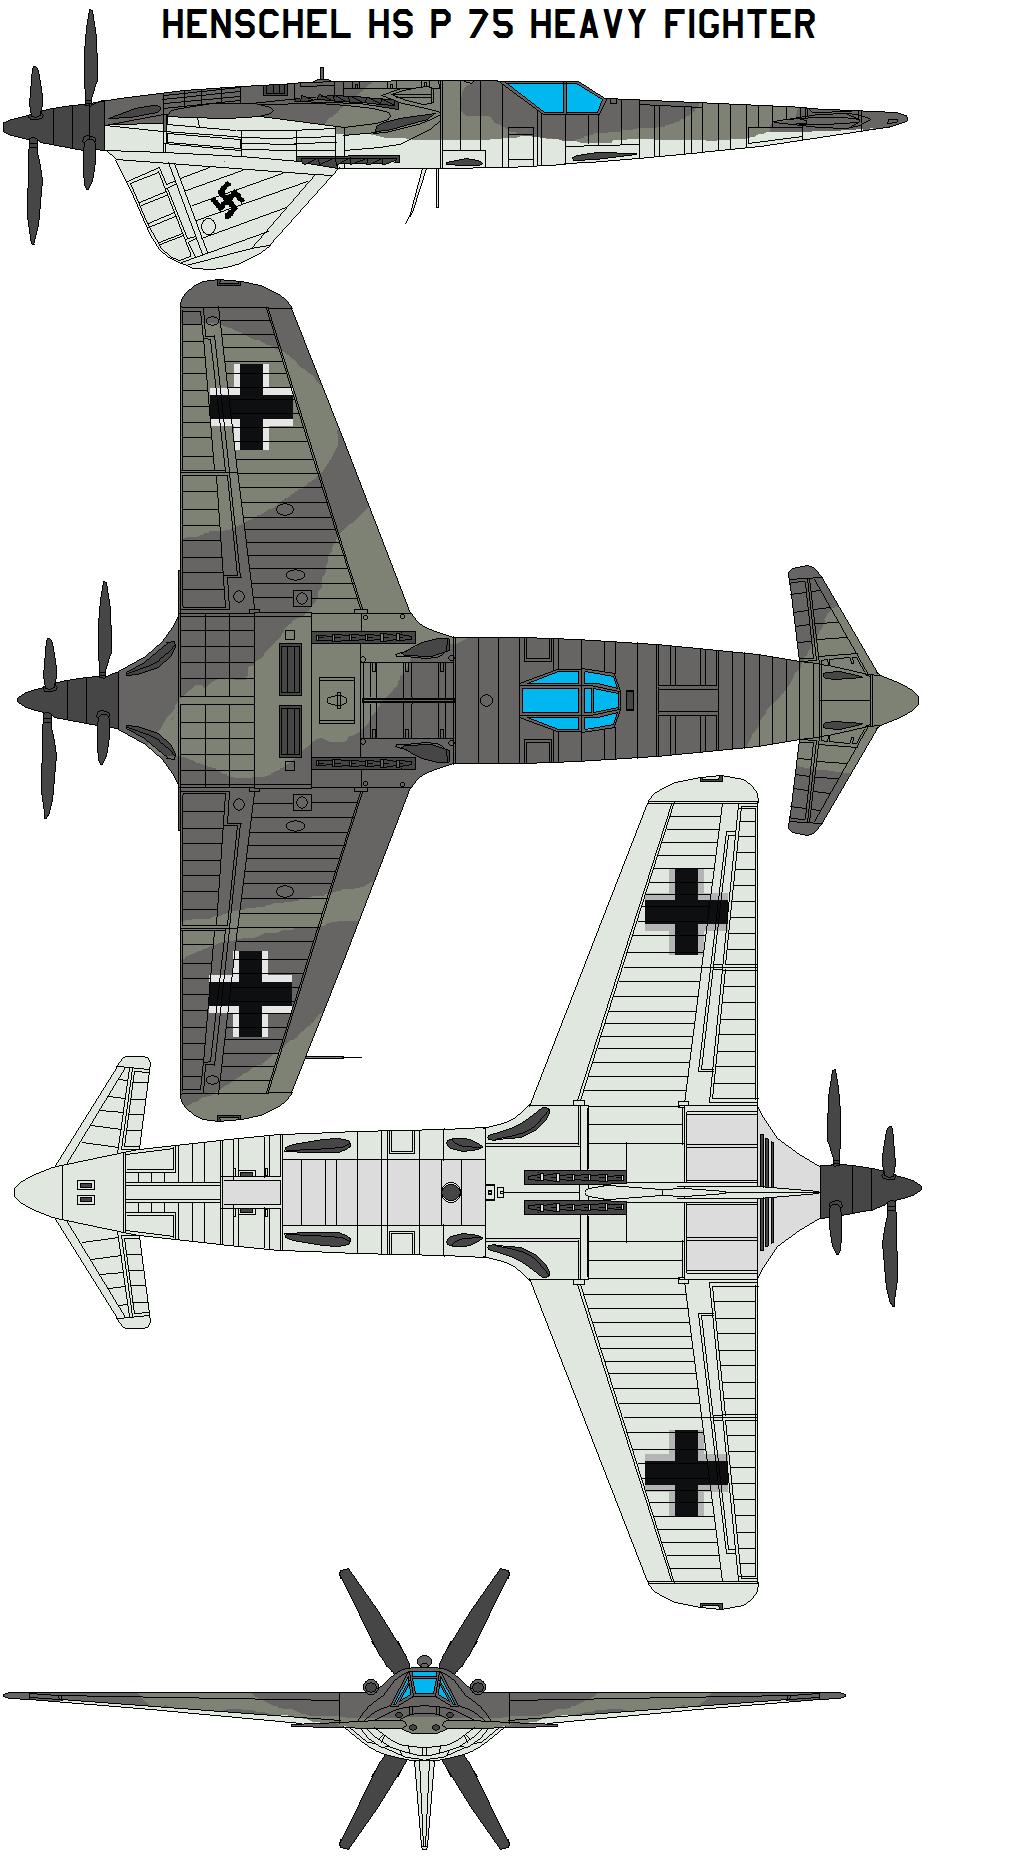 Henschel Hs P 75 Heavy Fighter By Bagera On Deviantart